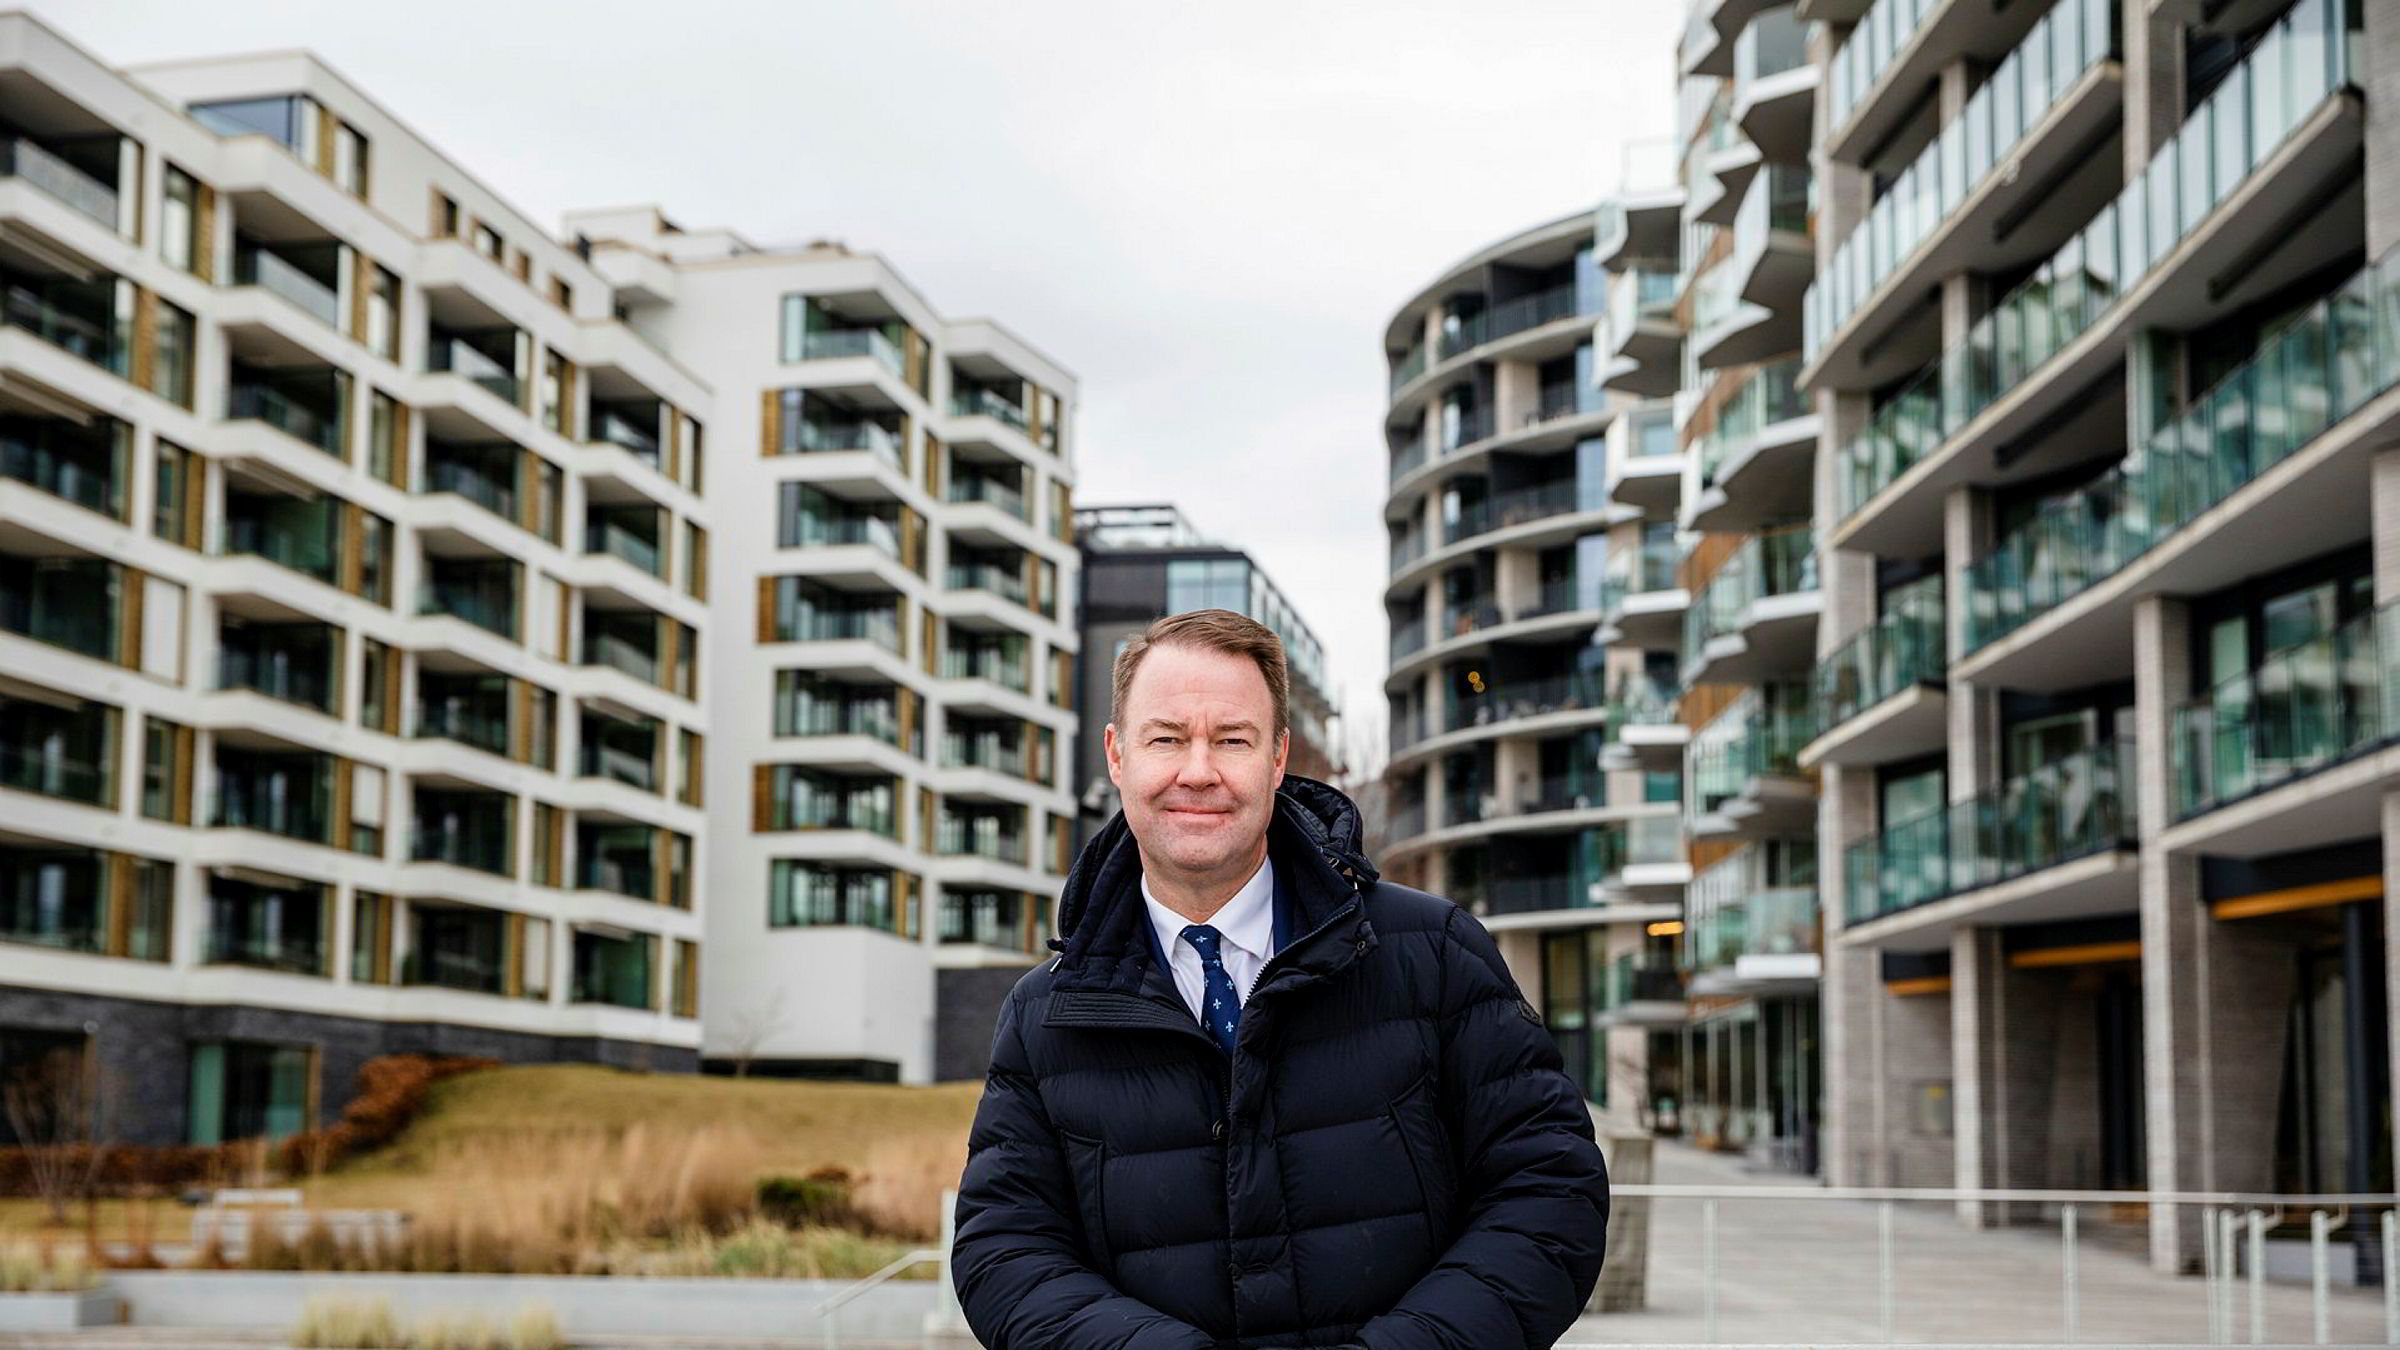 Trond Mellingsæter, sjef for Danske Bank Norge, er fornøyd med at de nå kan tilby kundene deres landets laveste boliglånsrente.